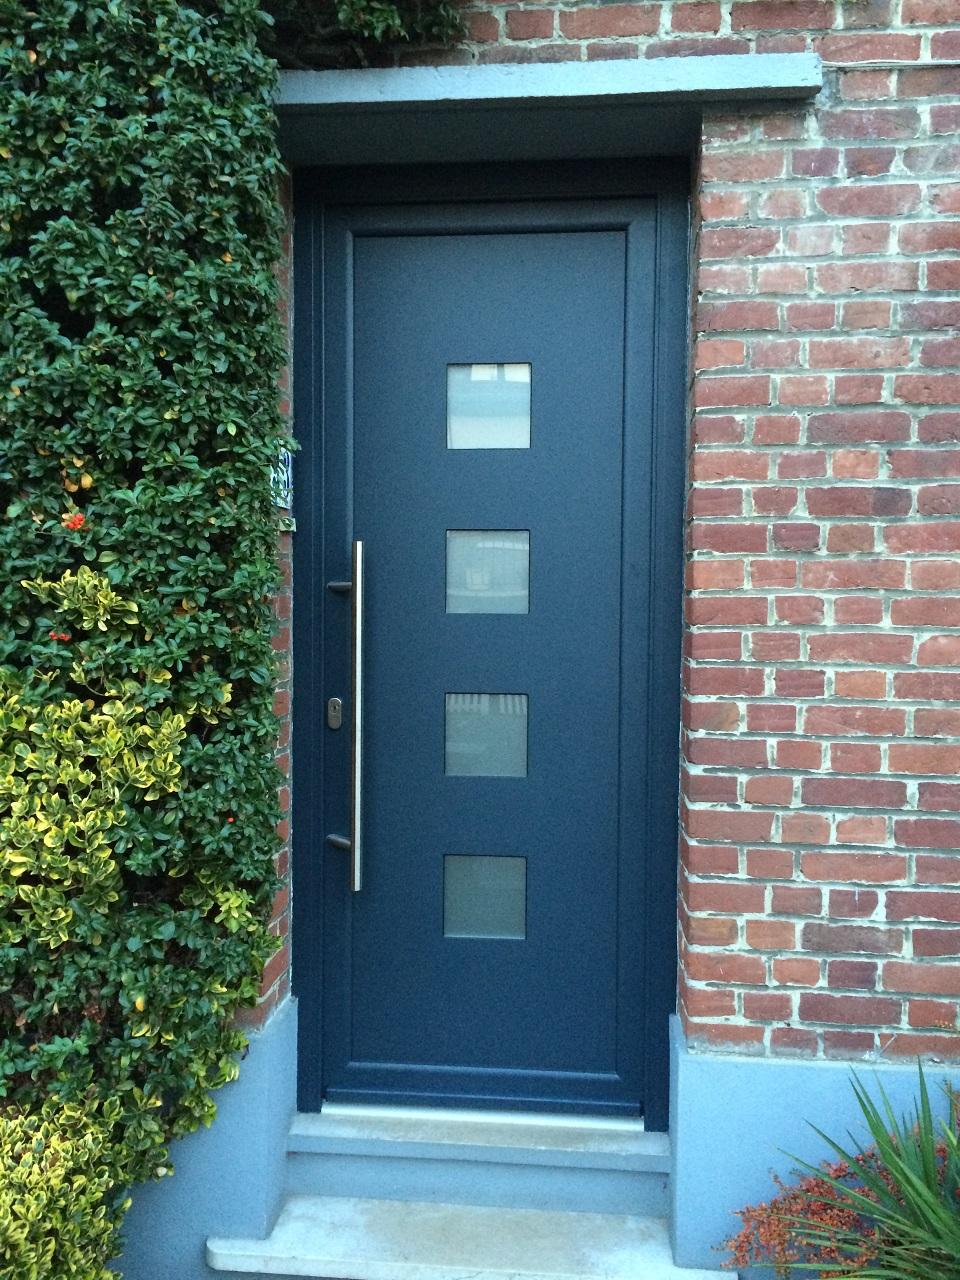 Mise en place de la porte alu labas finition bleu dans la ville de bondues n - La porte bleu belgique ...